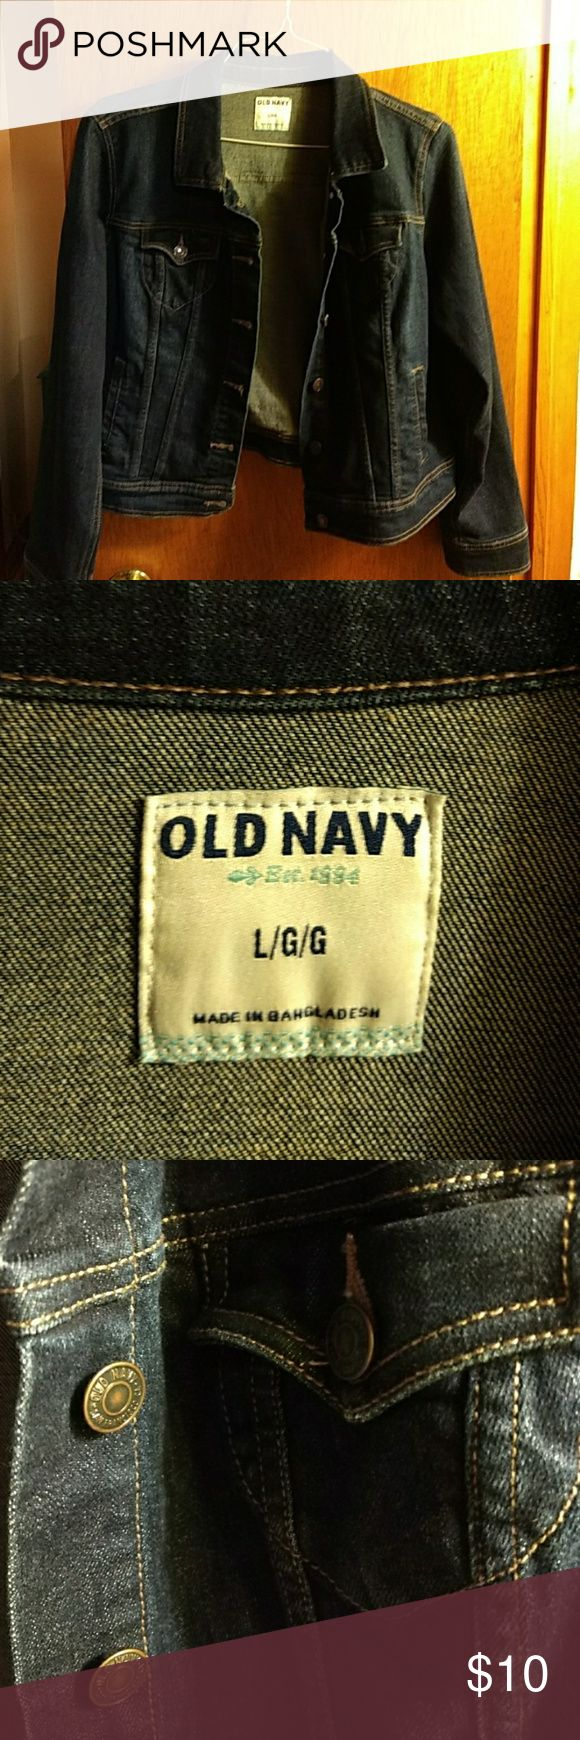 Old Navy Jean Jacket Old Navy Jean Jacket size large - dark color Old Navy Jackets & Coats Jean Jackets